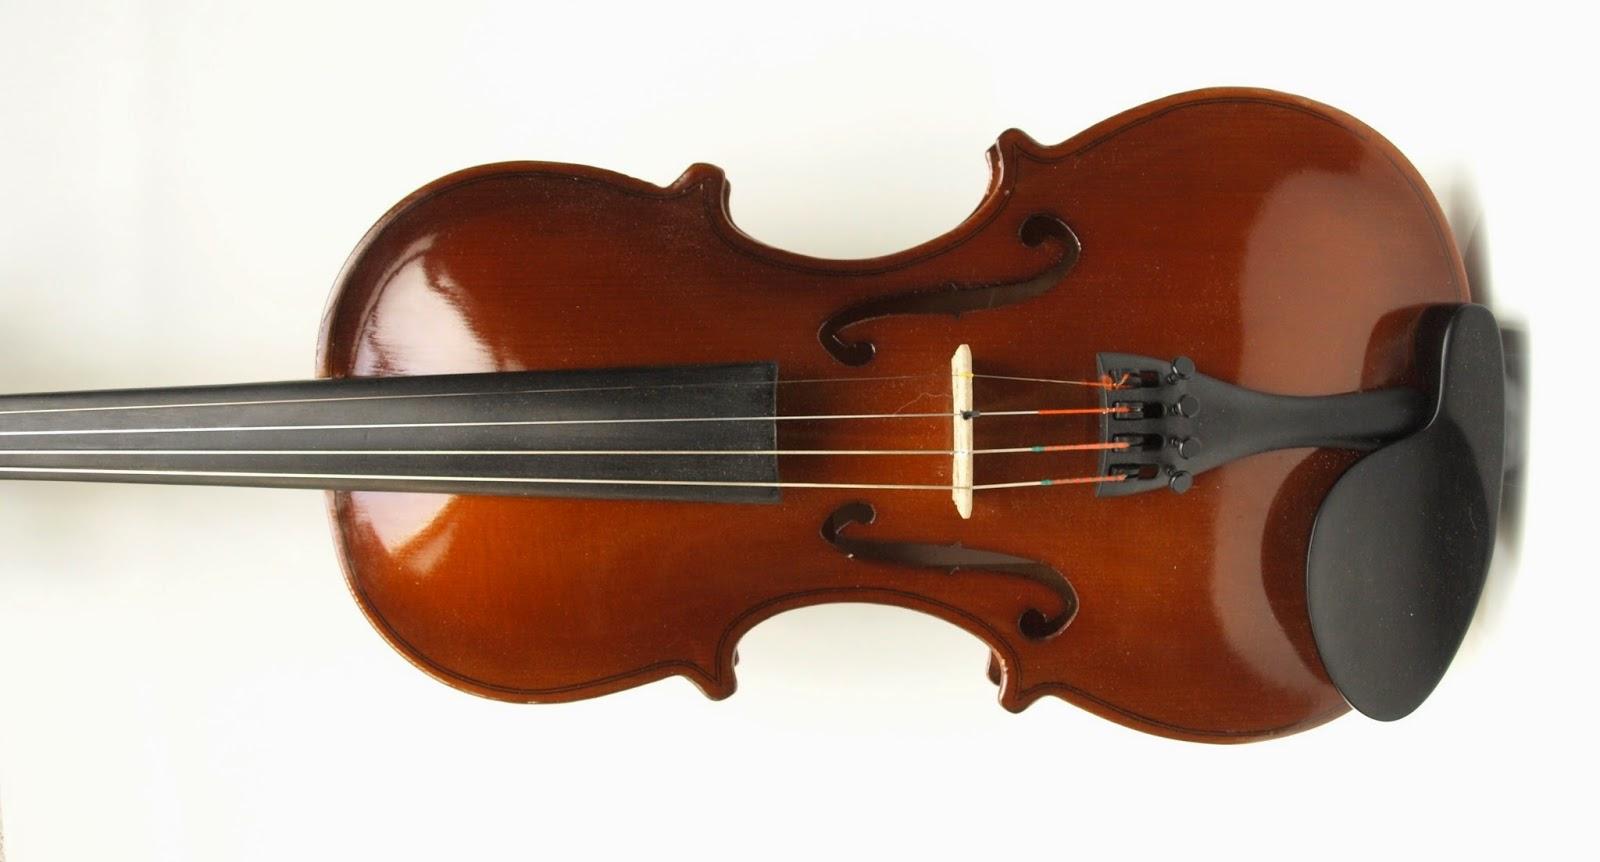 El rinc n del luthier bienvenidos a el rinc n del luthier for Que es un luthier